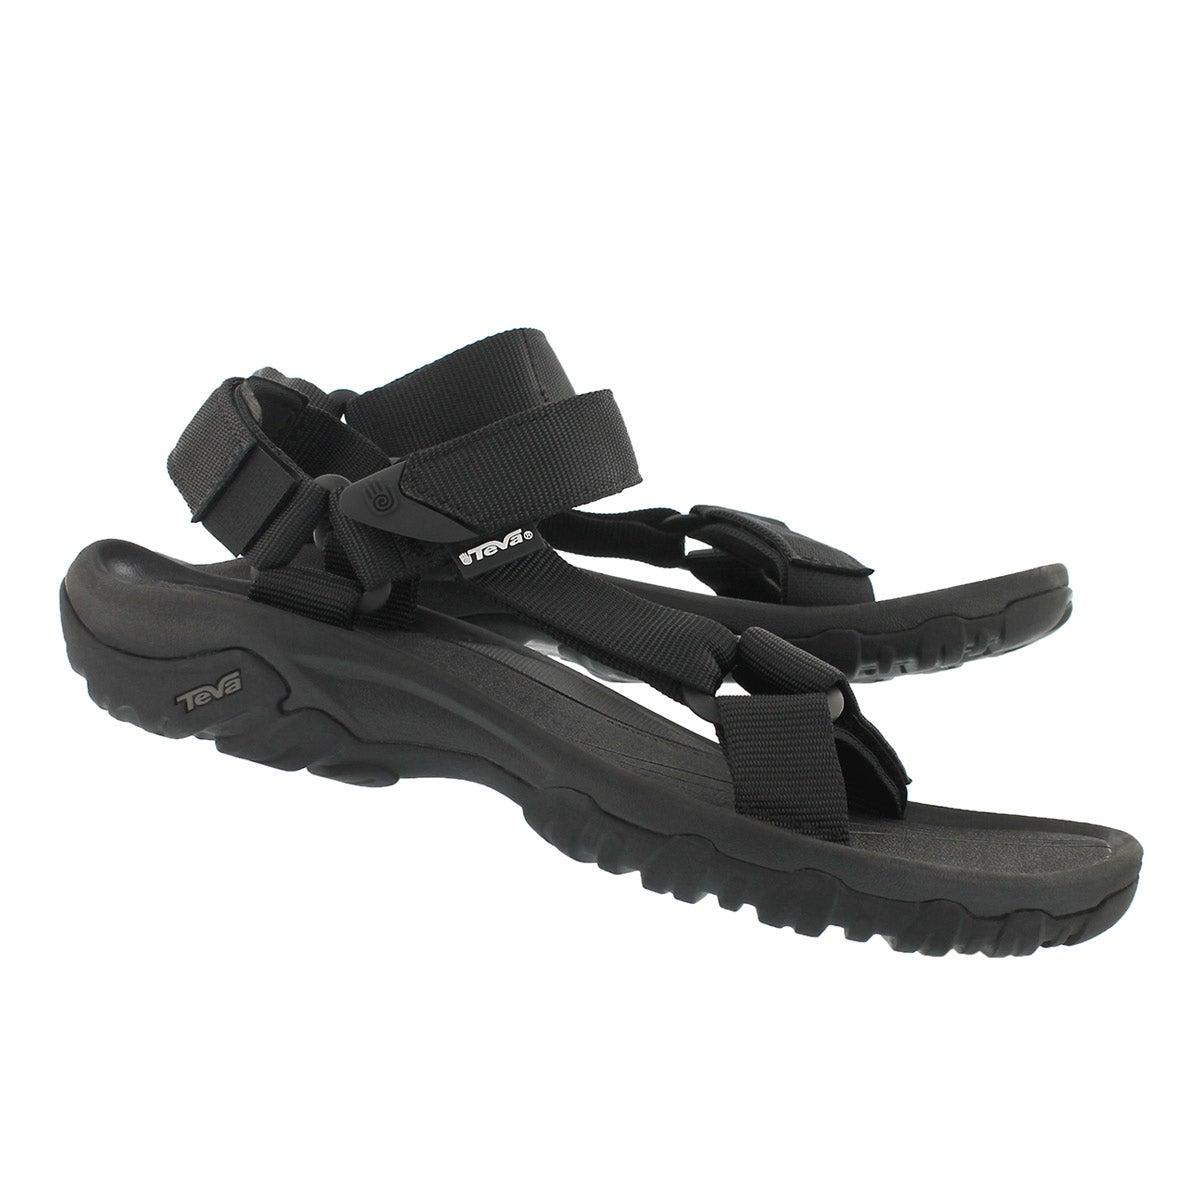 Mns Hurricant XLT black sport sandal